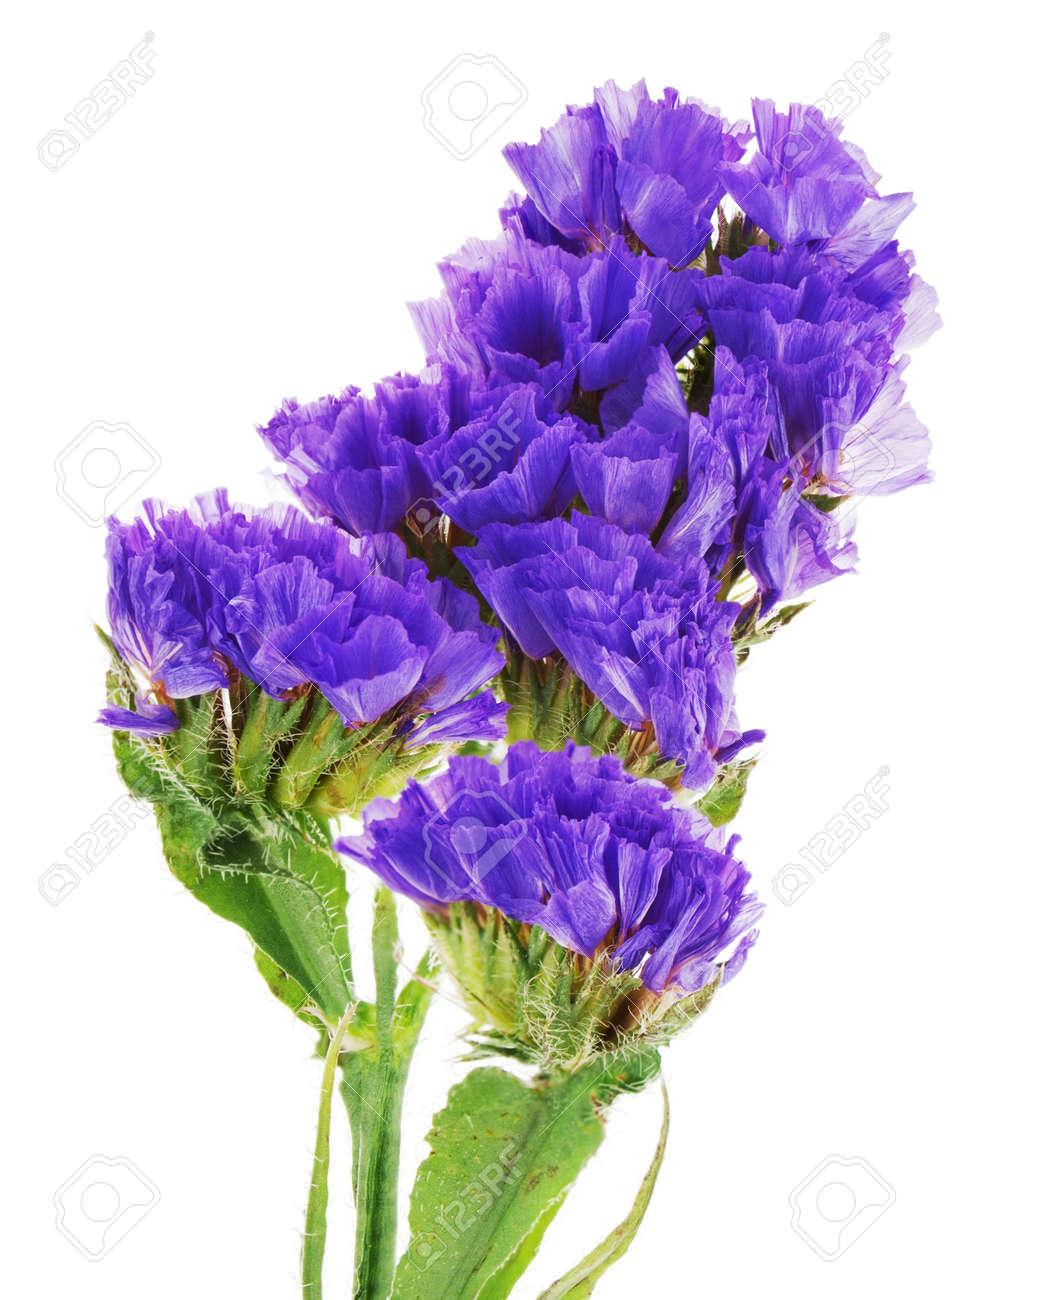 白い背景に分離された紫のスターチスの花のマクロ撮影 の写真素材